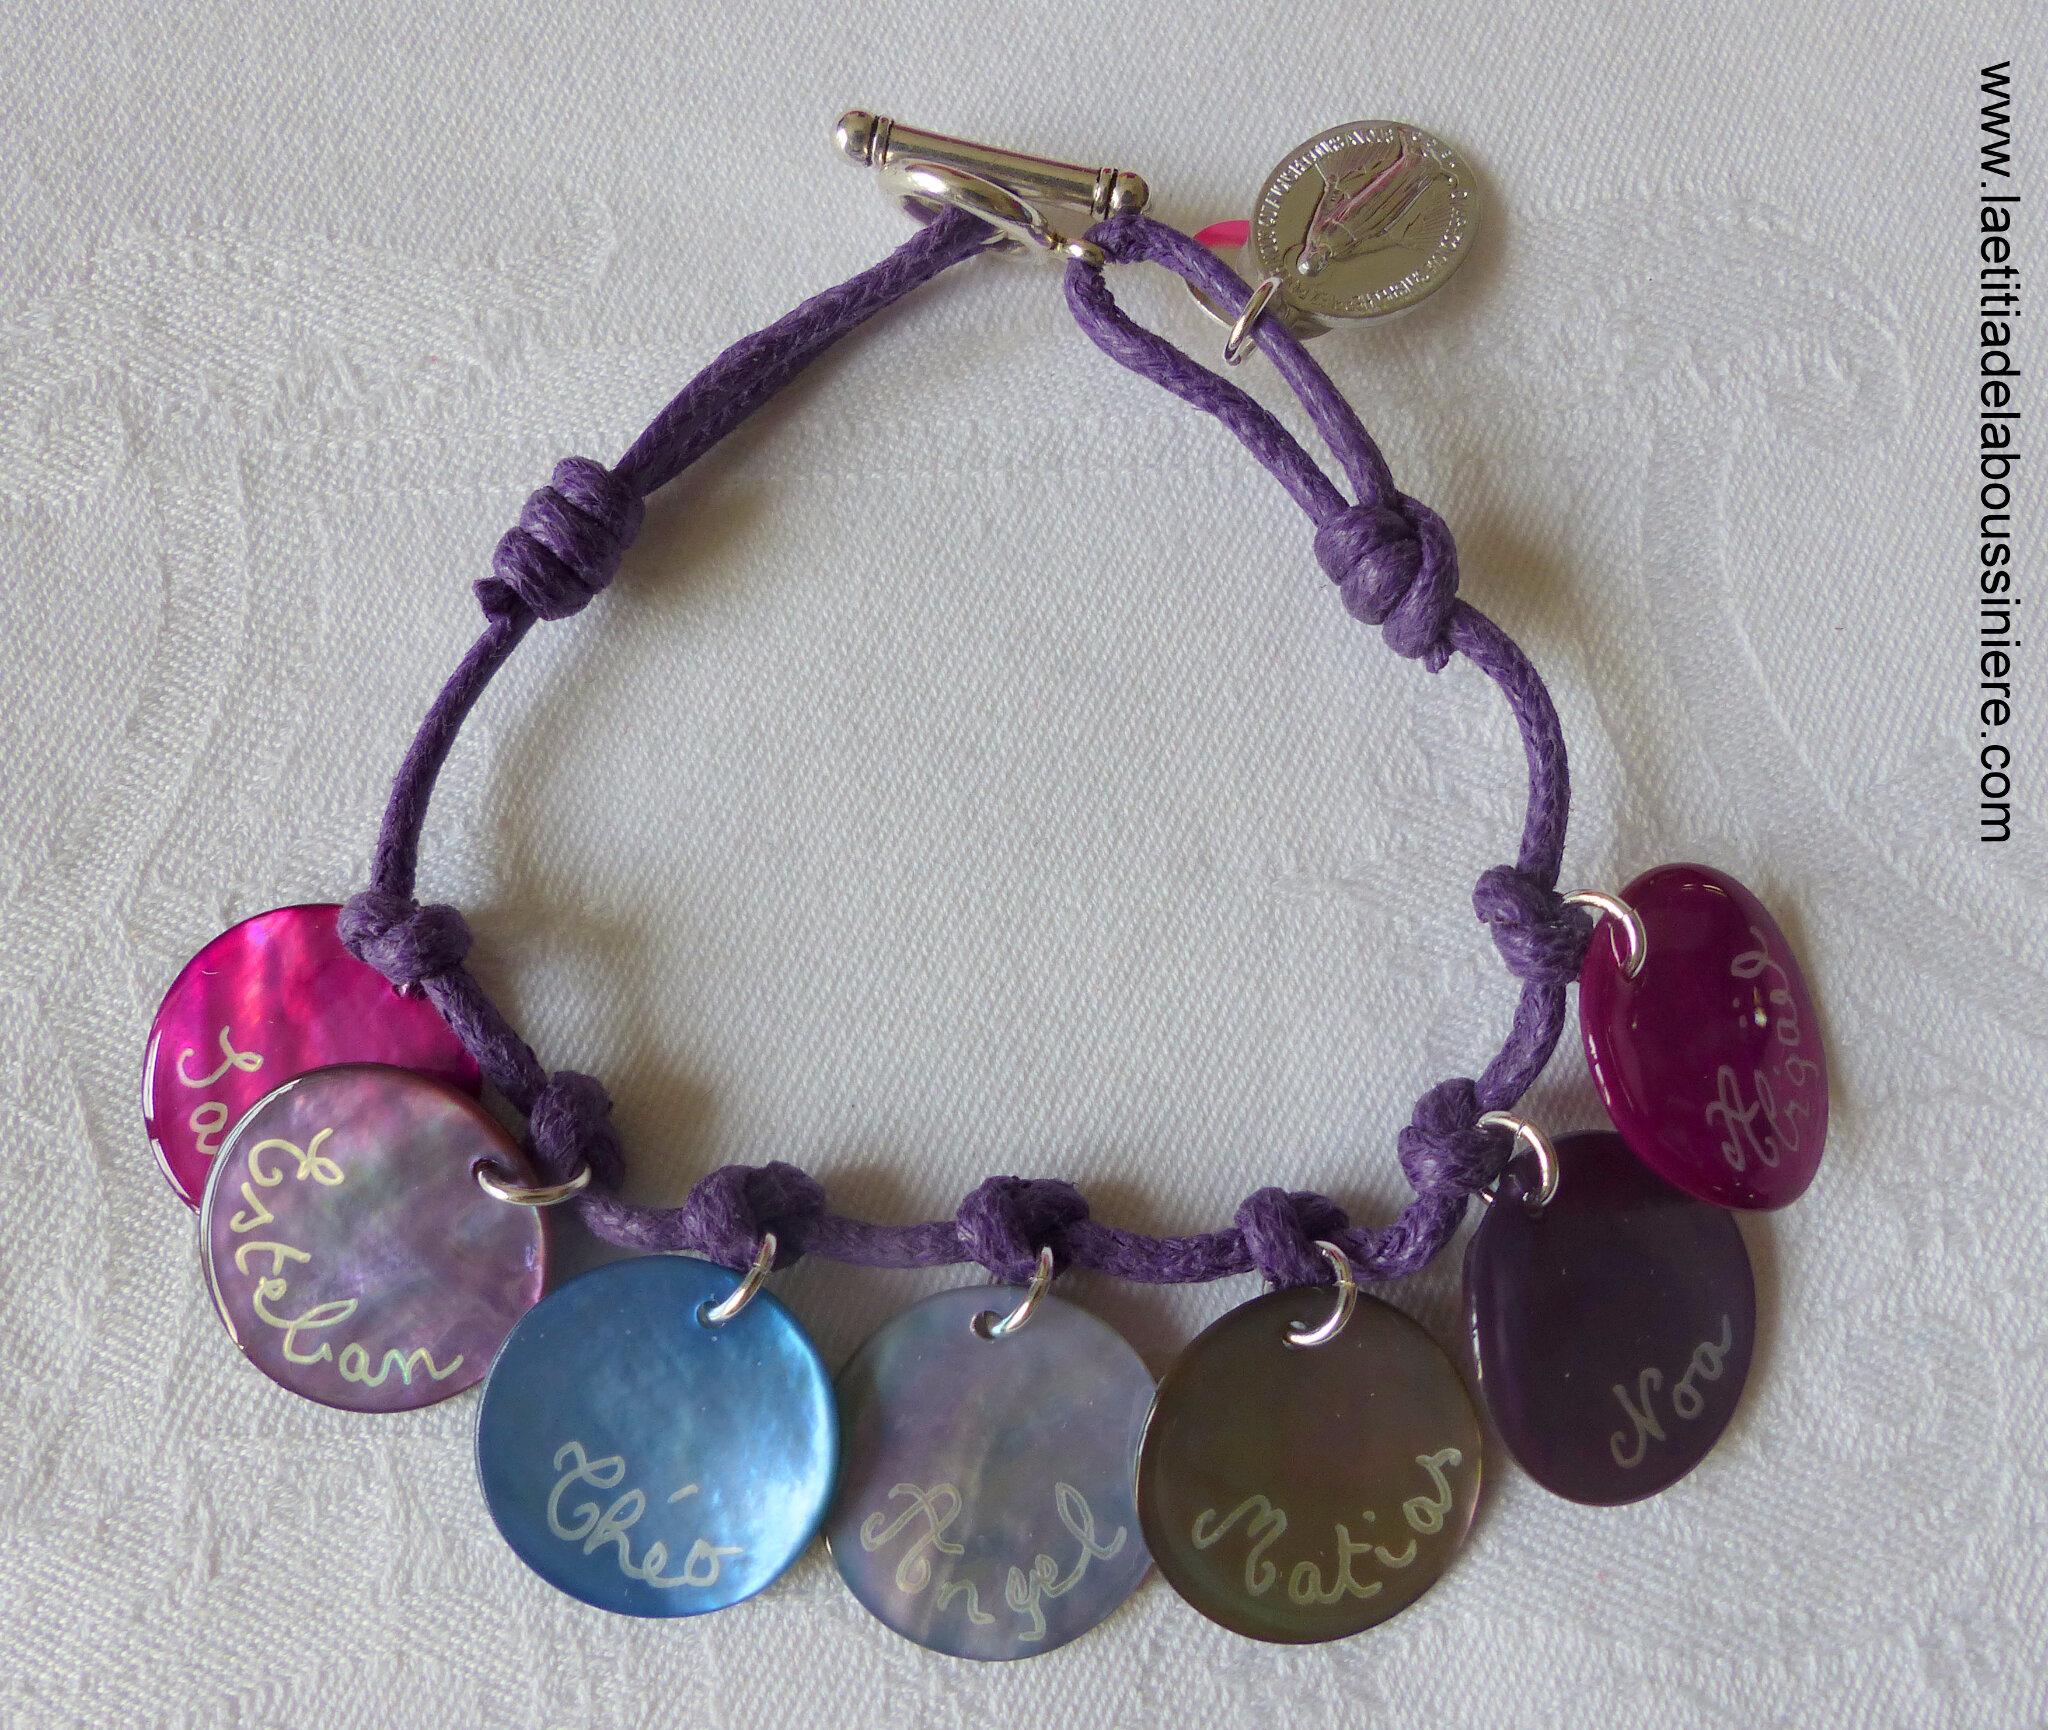 Bracelet personnalisé sur cordon composé de 7 médailles en nacre gravée - 45 €